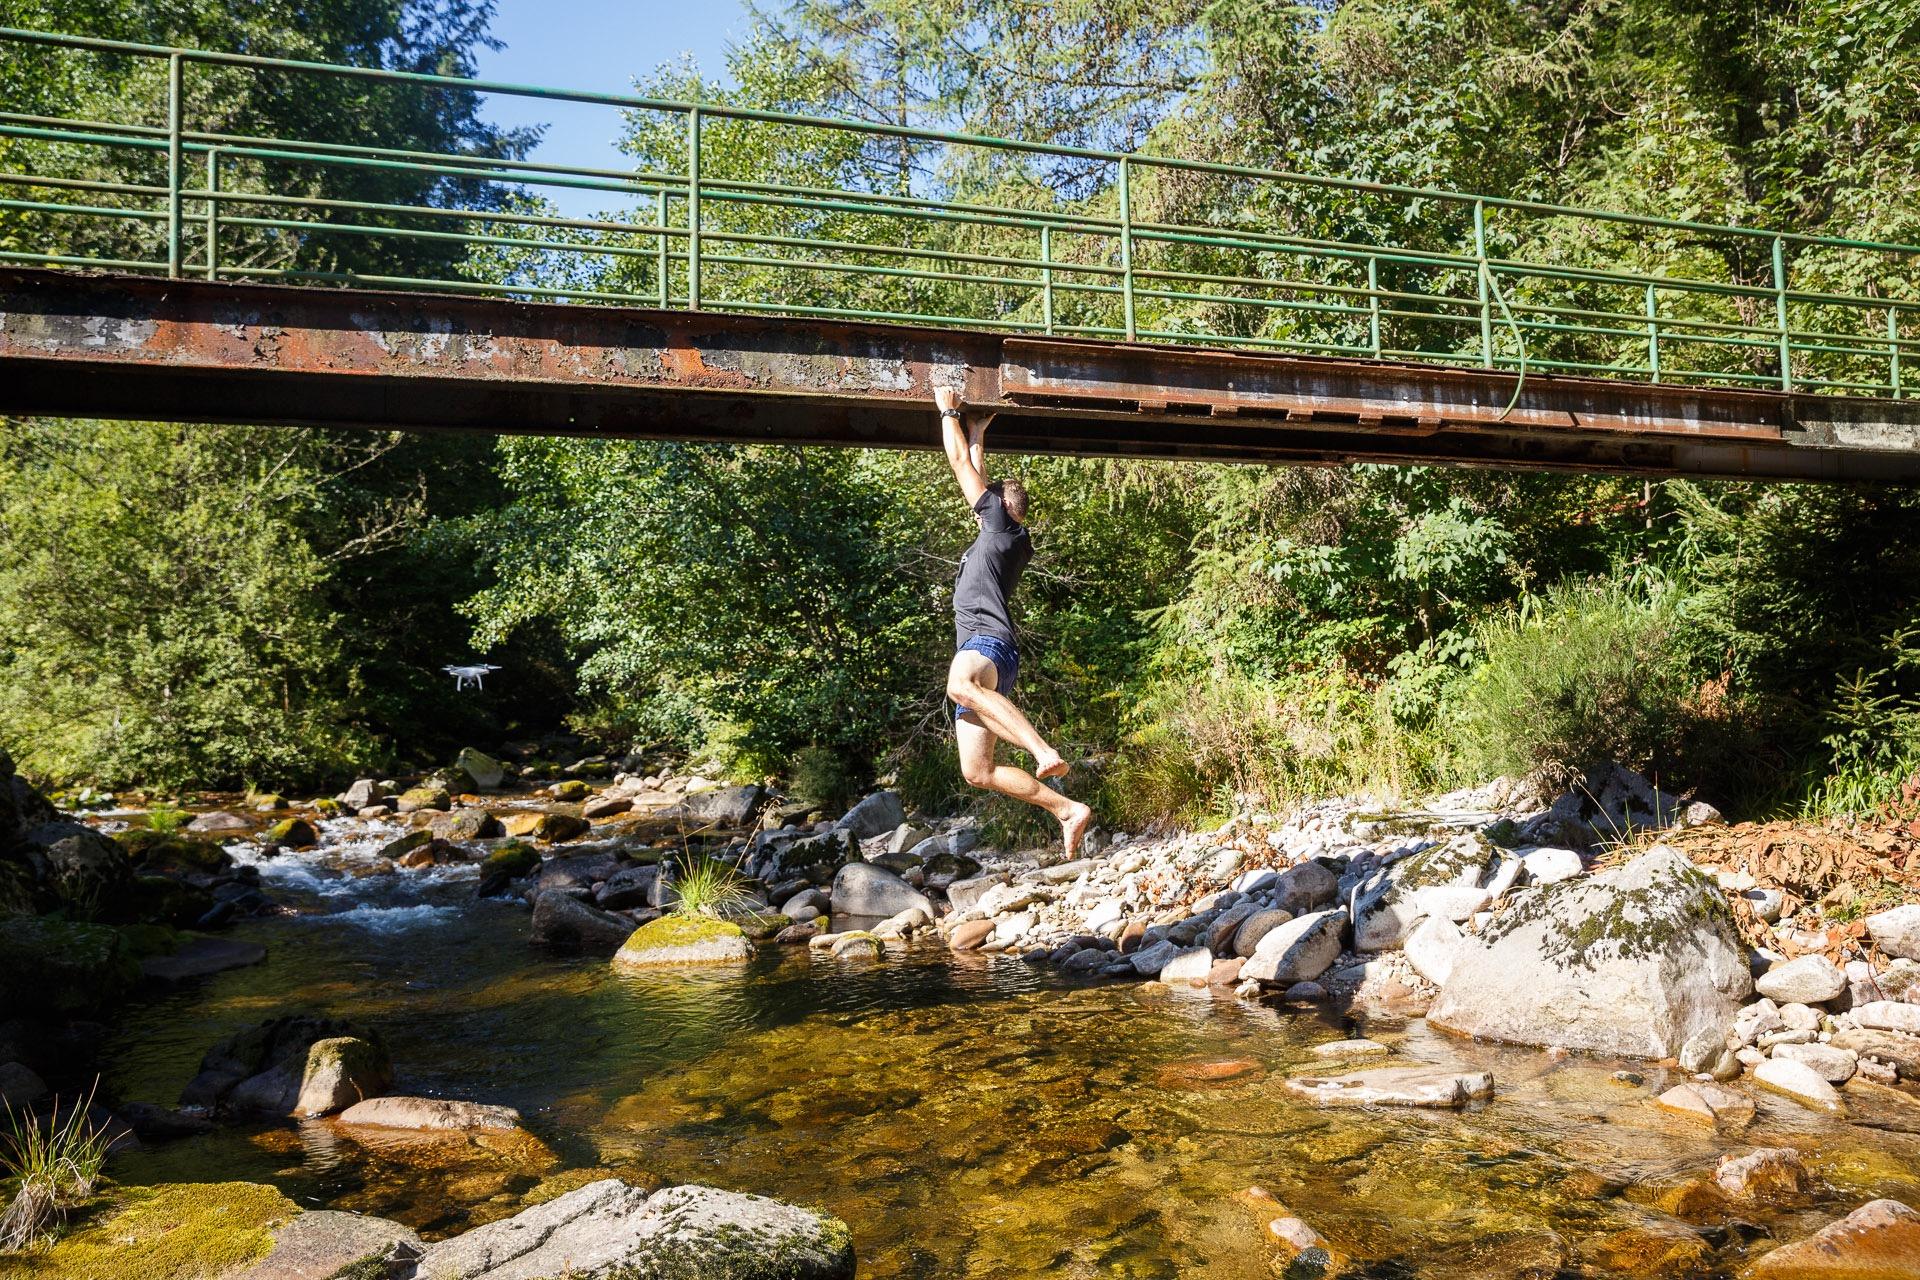 Jedes Team hat seine eigene Herangehensweise um die Fluss Challenge zu meistern.